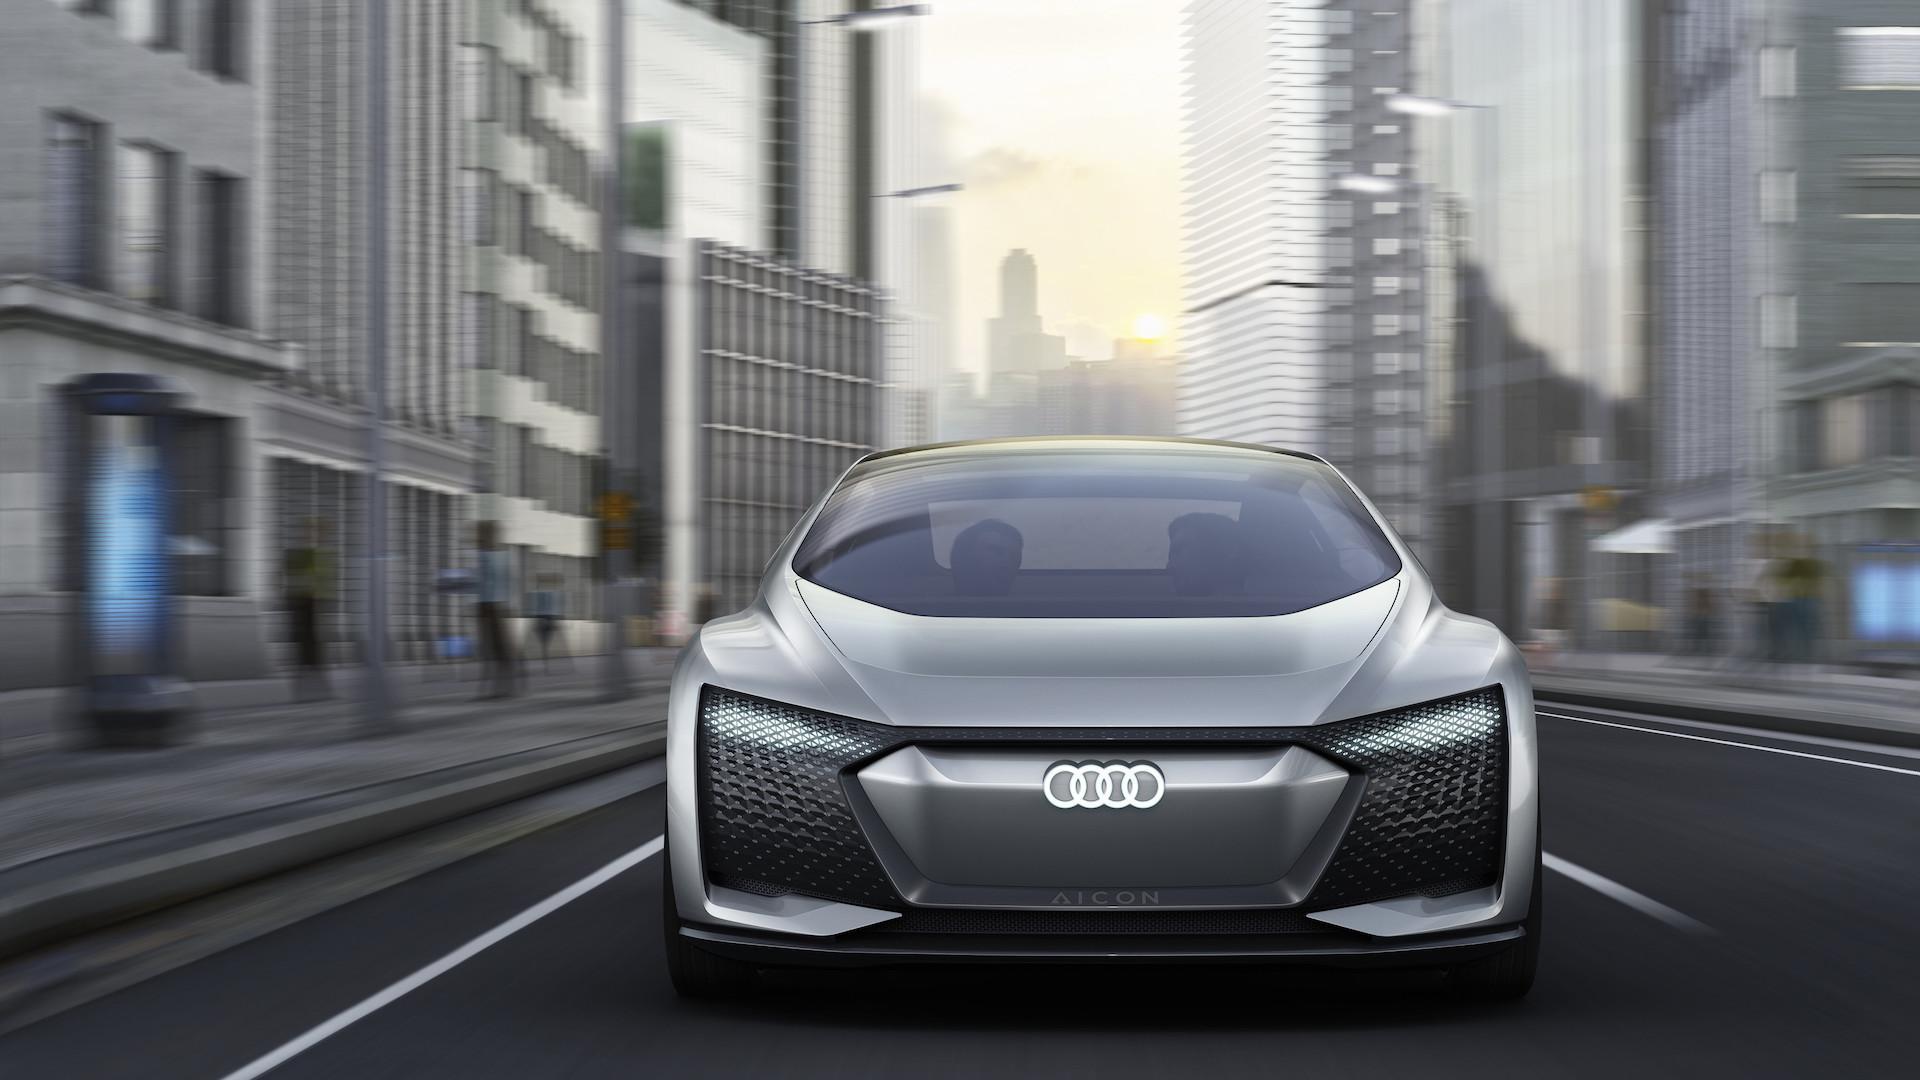 [Imágenes] El impresionante nuevo Audi Aicon, autónomo, sin volante ni pedales